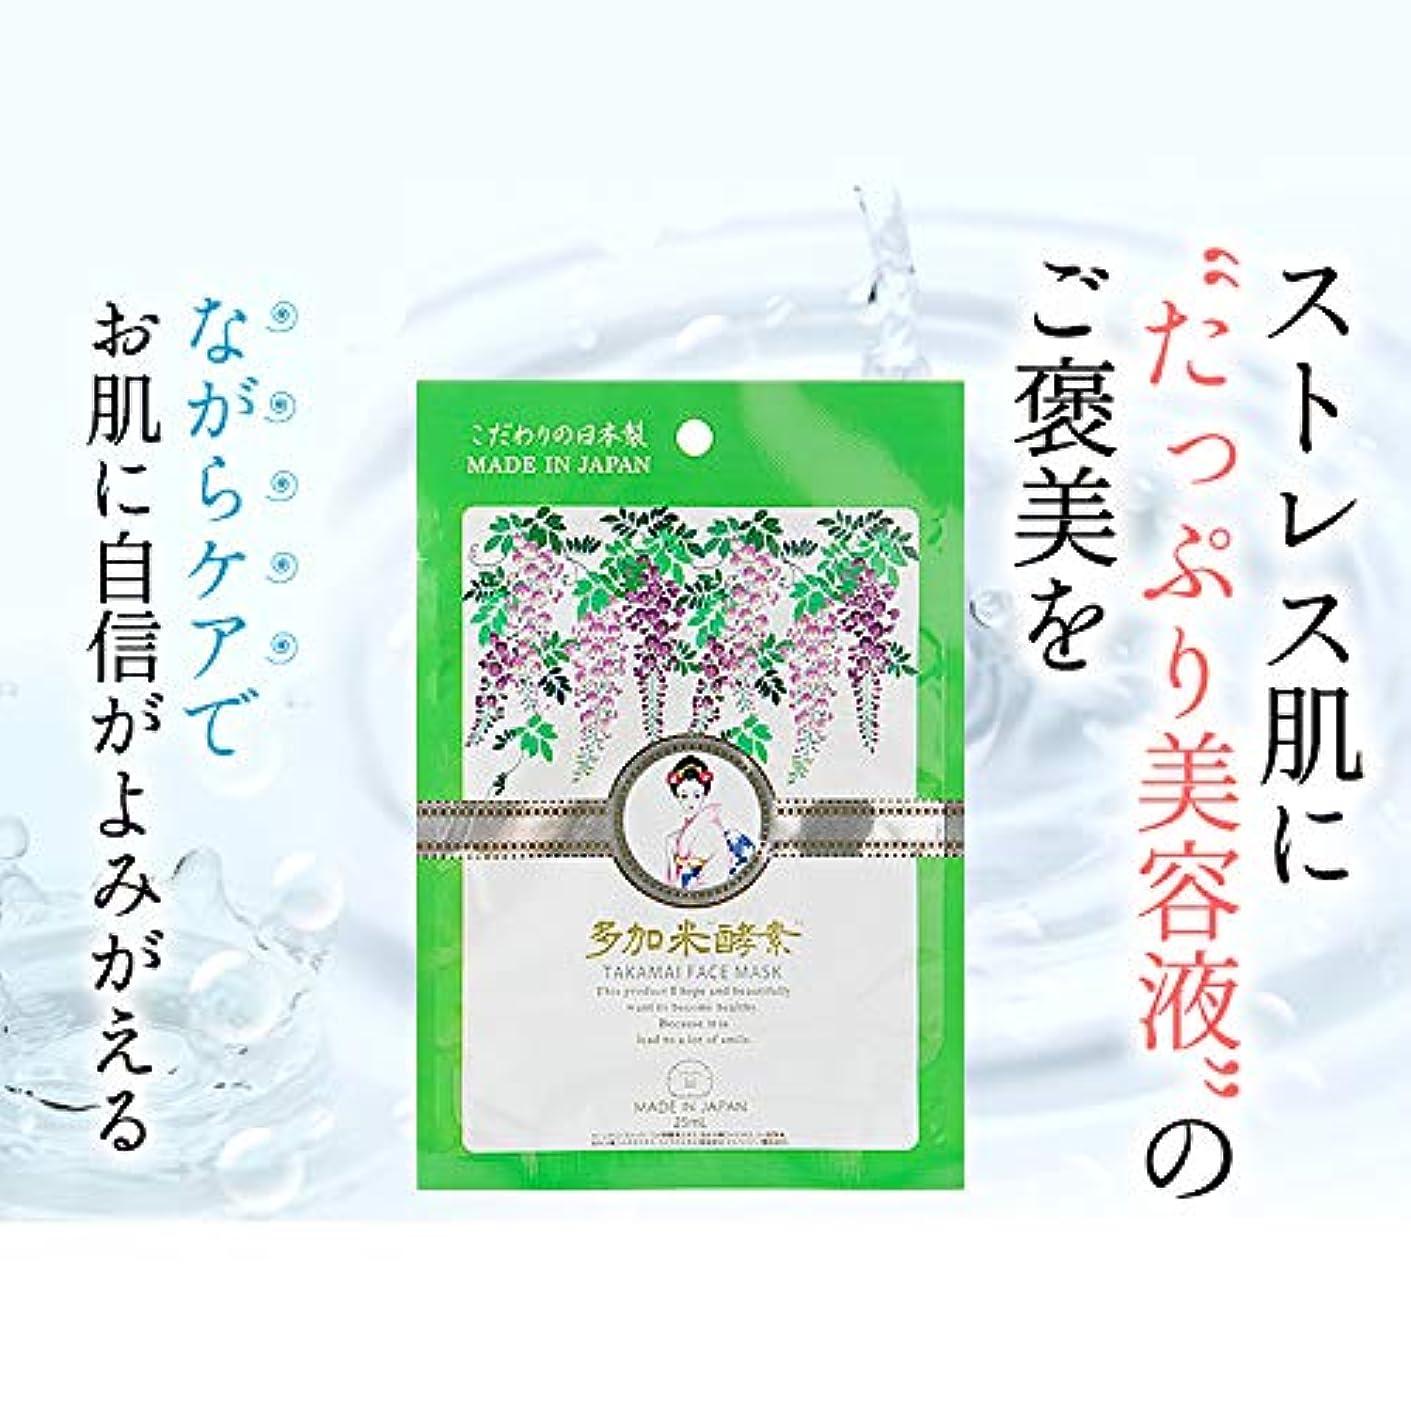 デコレーションワゴン抱擁多加米酵素フェイスマスク シートマスク フェイスマスク 保湿マスク 美容液 25ml 10枚セット